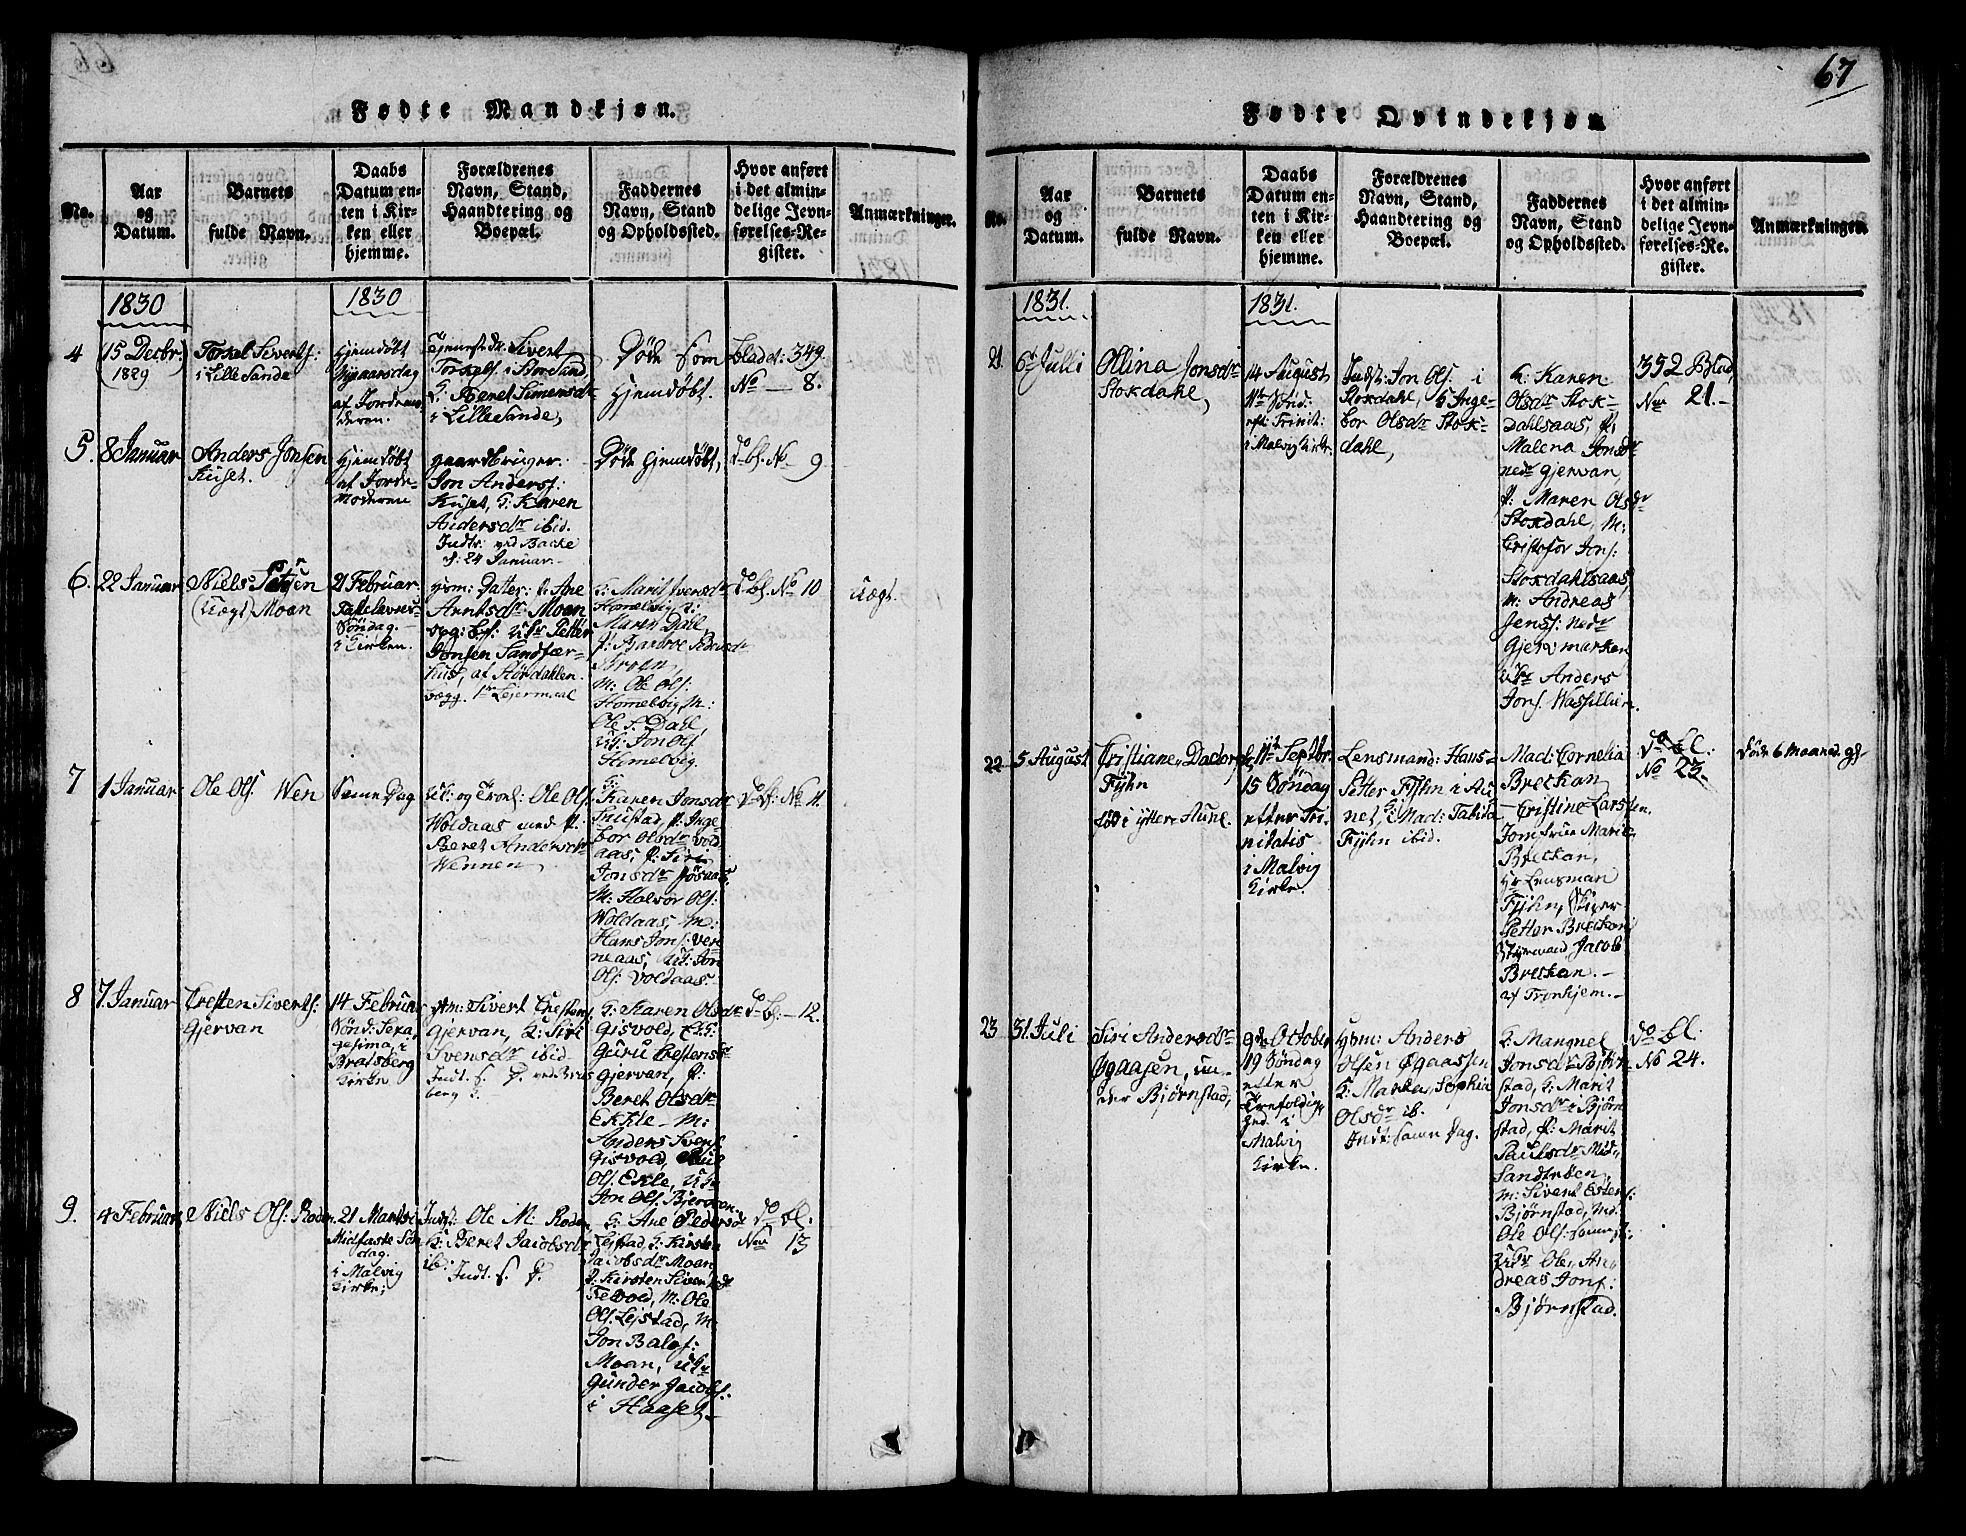 SAT, Ministerialprotokoller, klokkerbøker og fødselsregistre - Sør-Trøndelag, 616/L0420: Klokkerbok nr. 616C03, 1817-1835, s. 67